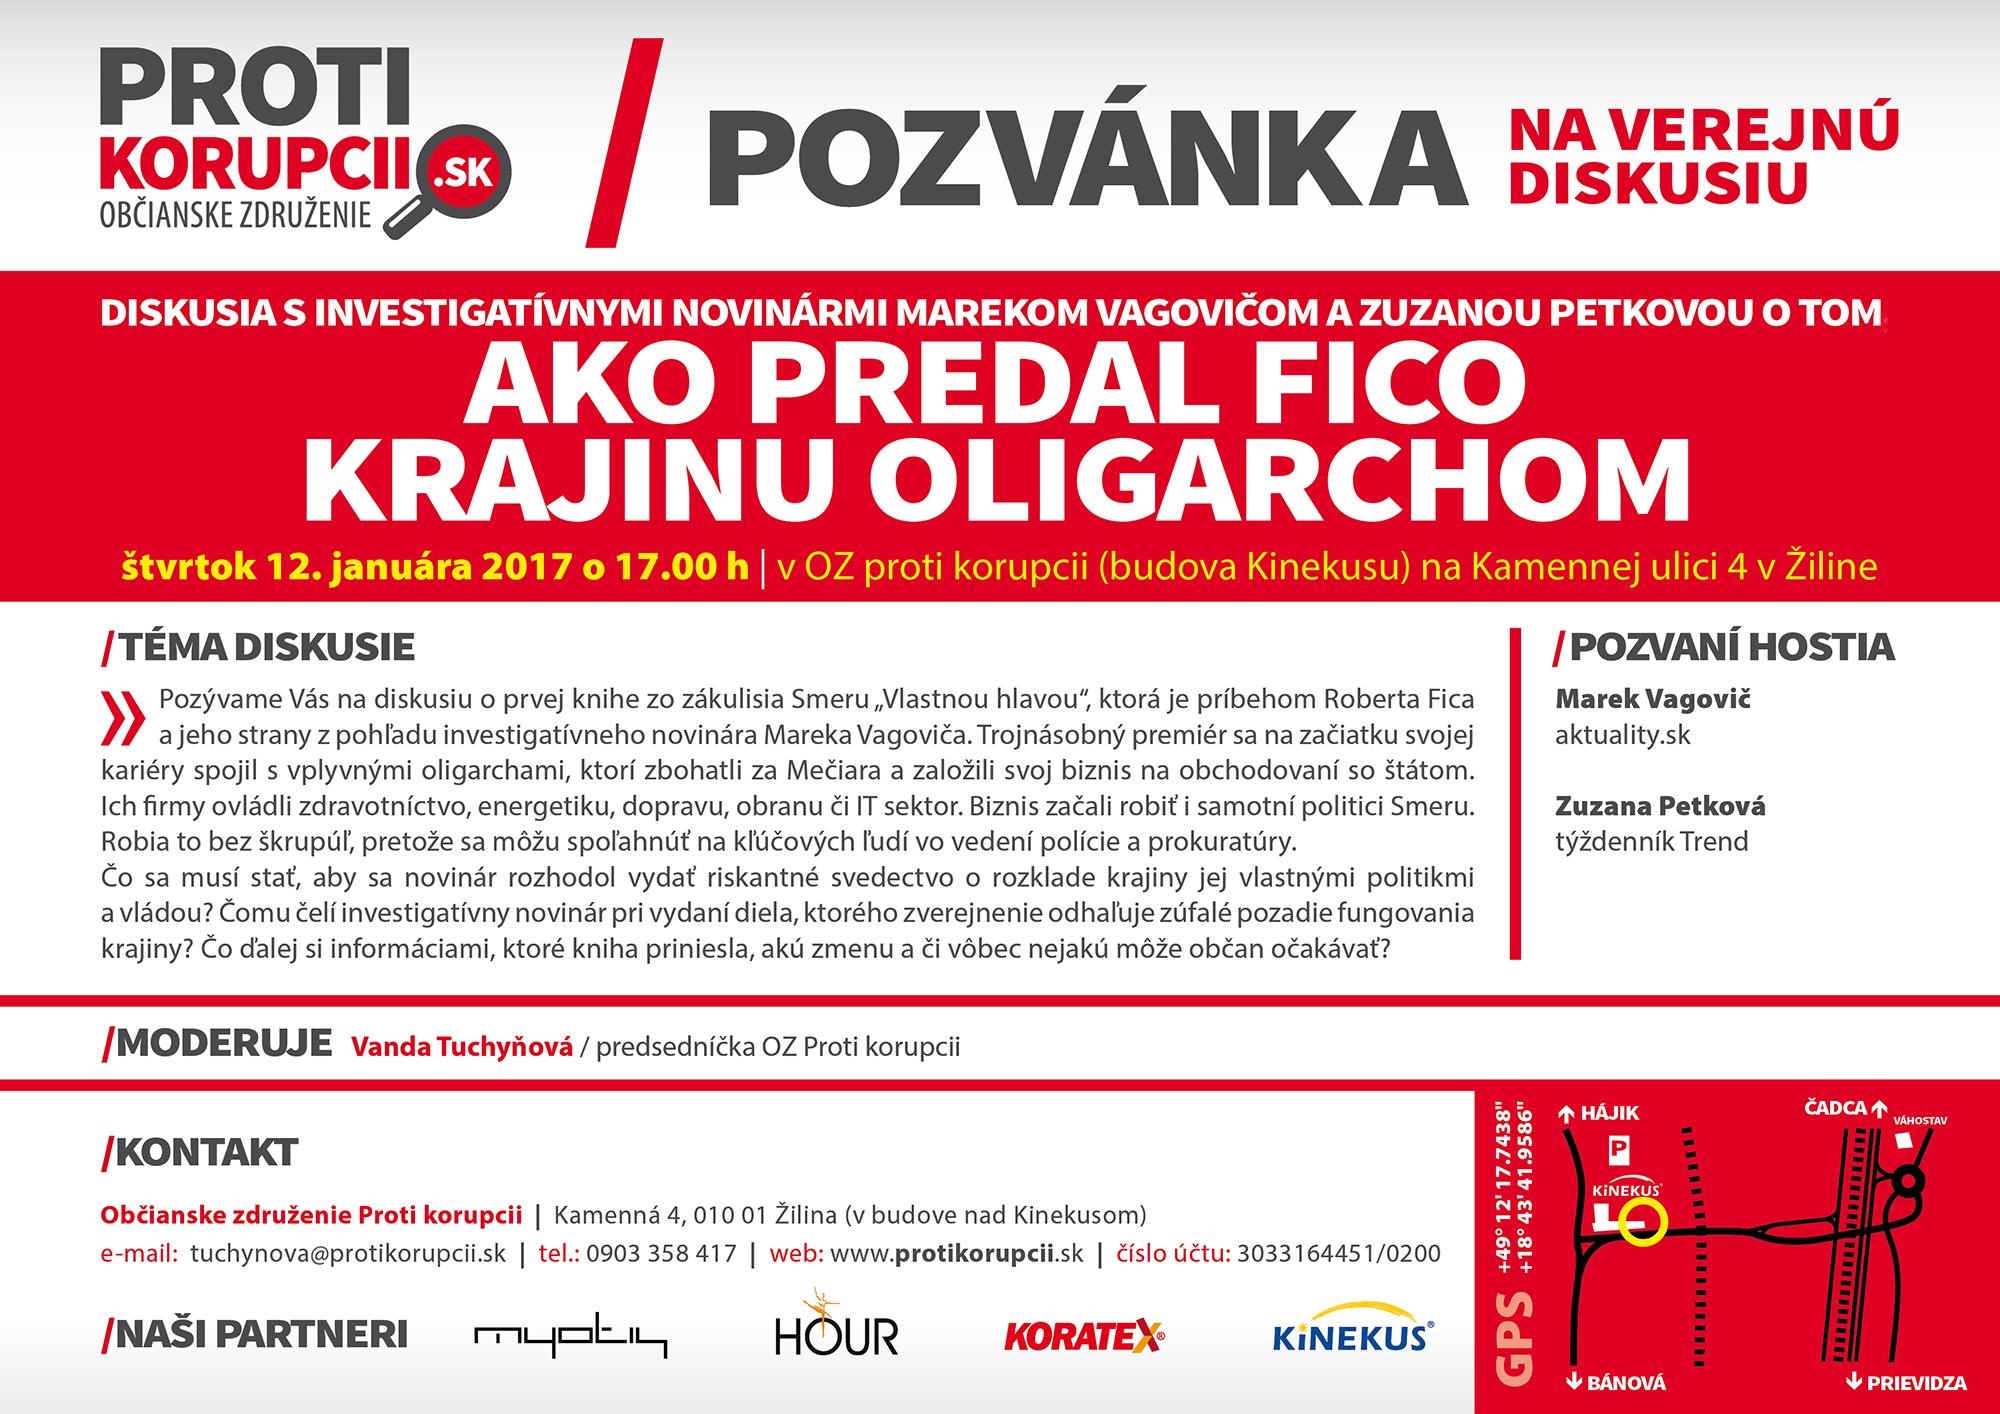 pozvánka na Mareka Vagoviča